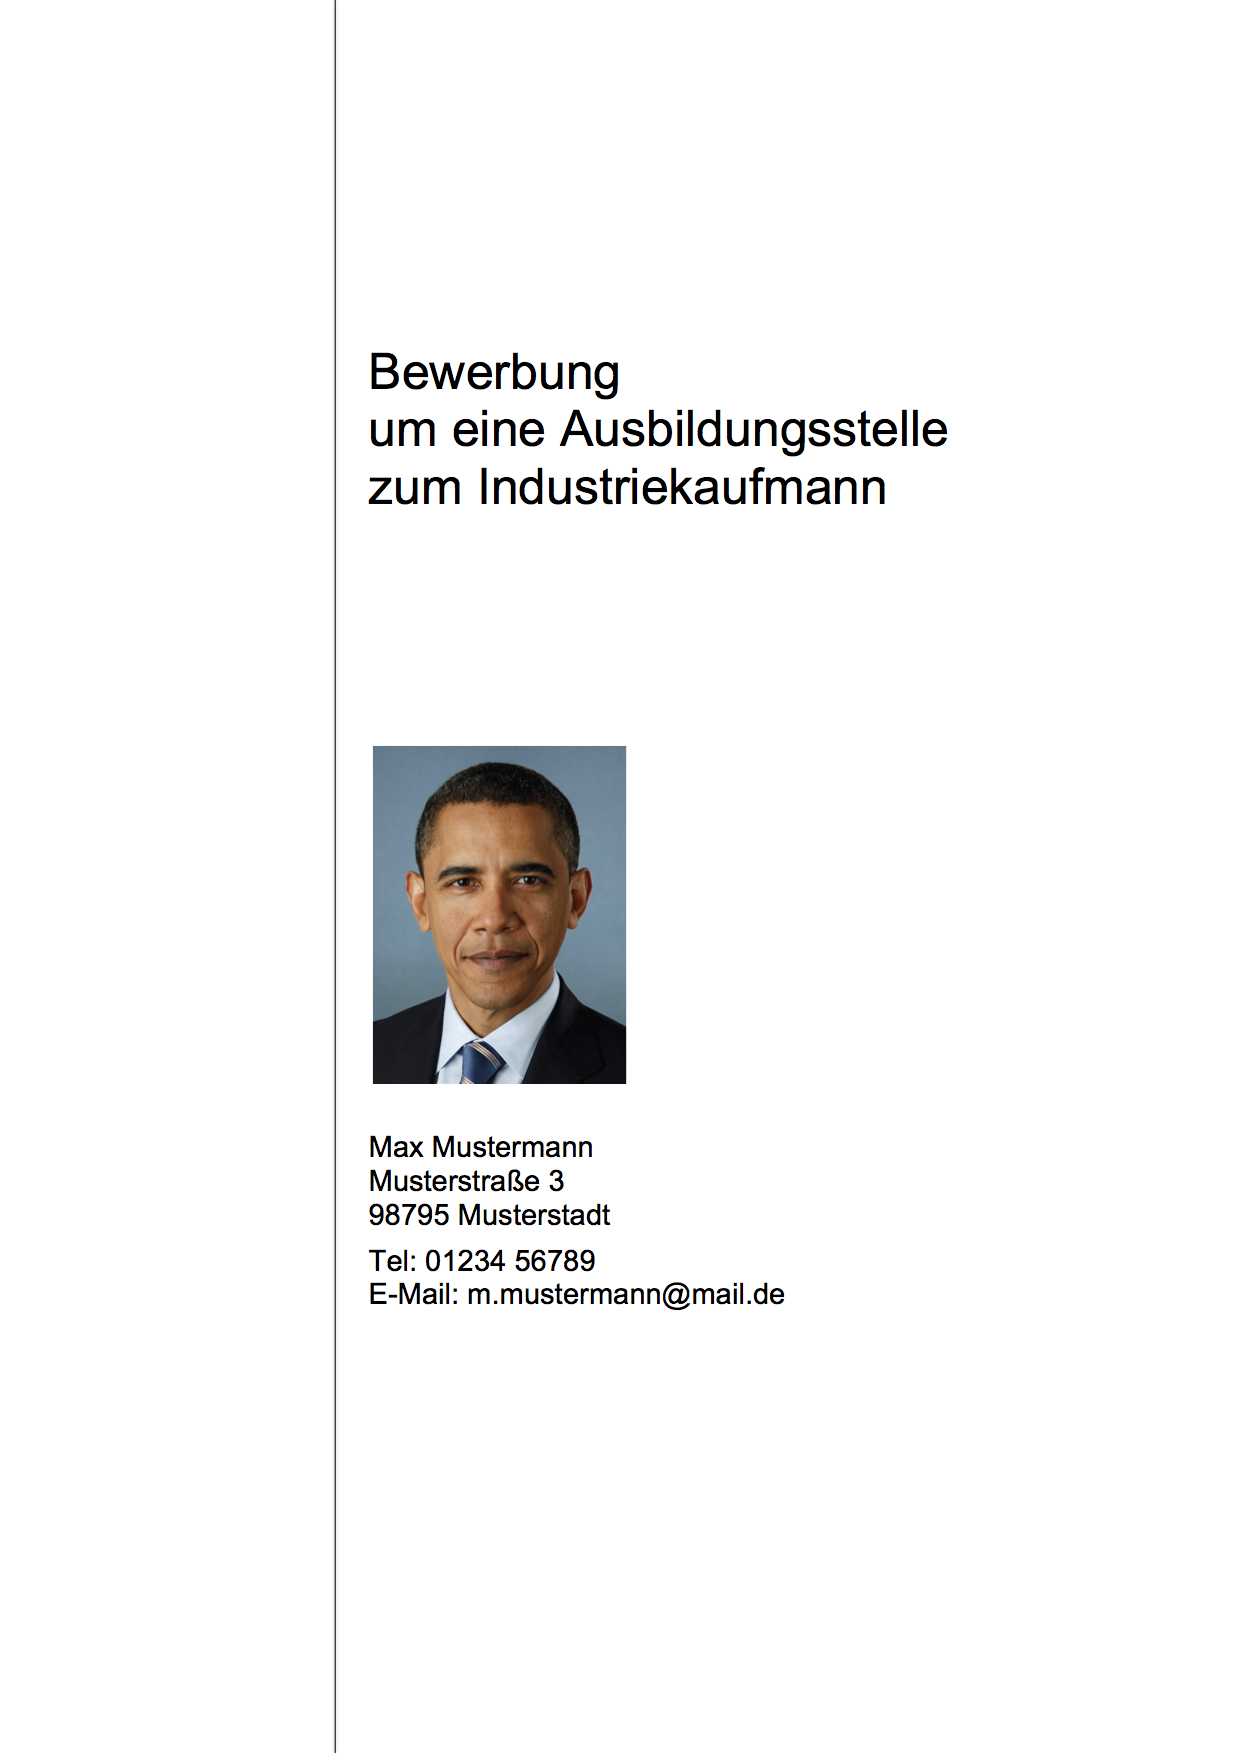 Charmant Aufsatz Deckblatt Vorlage Bilder - Beispiel Business ...